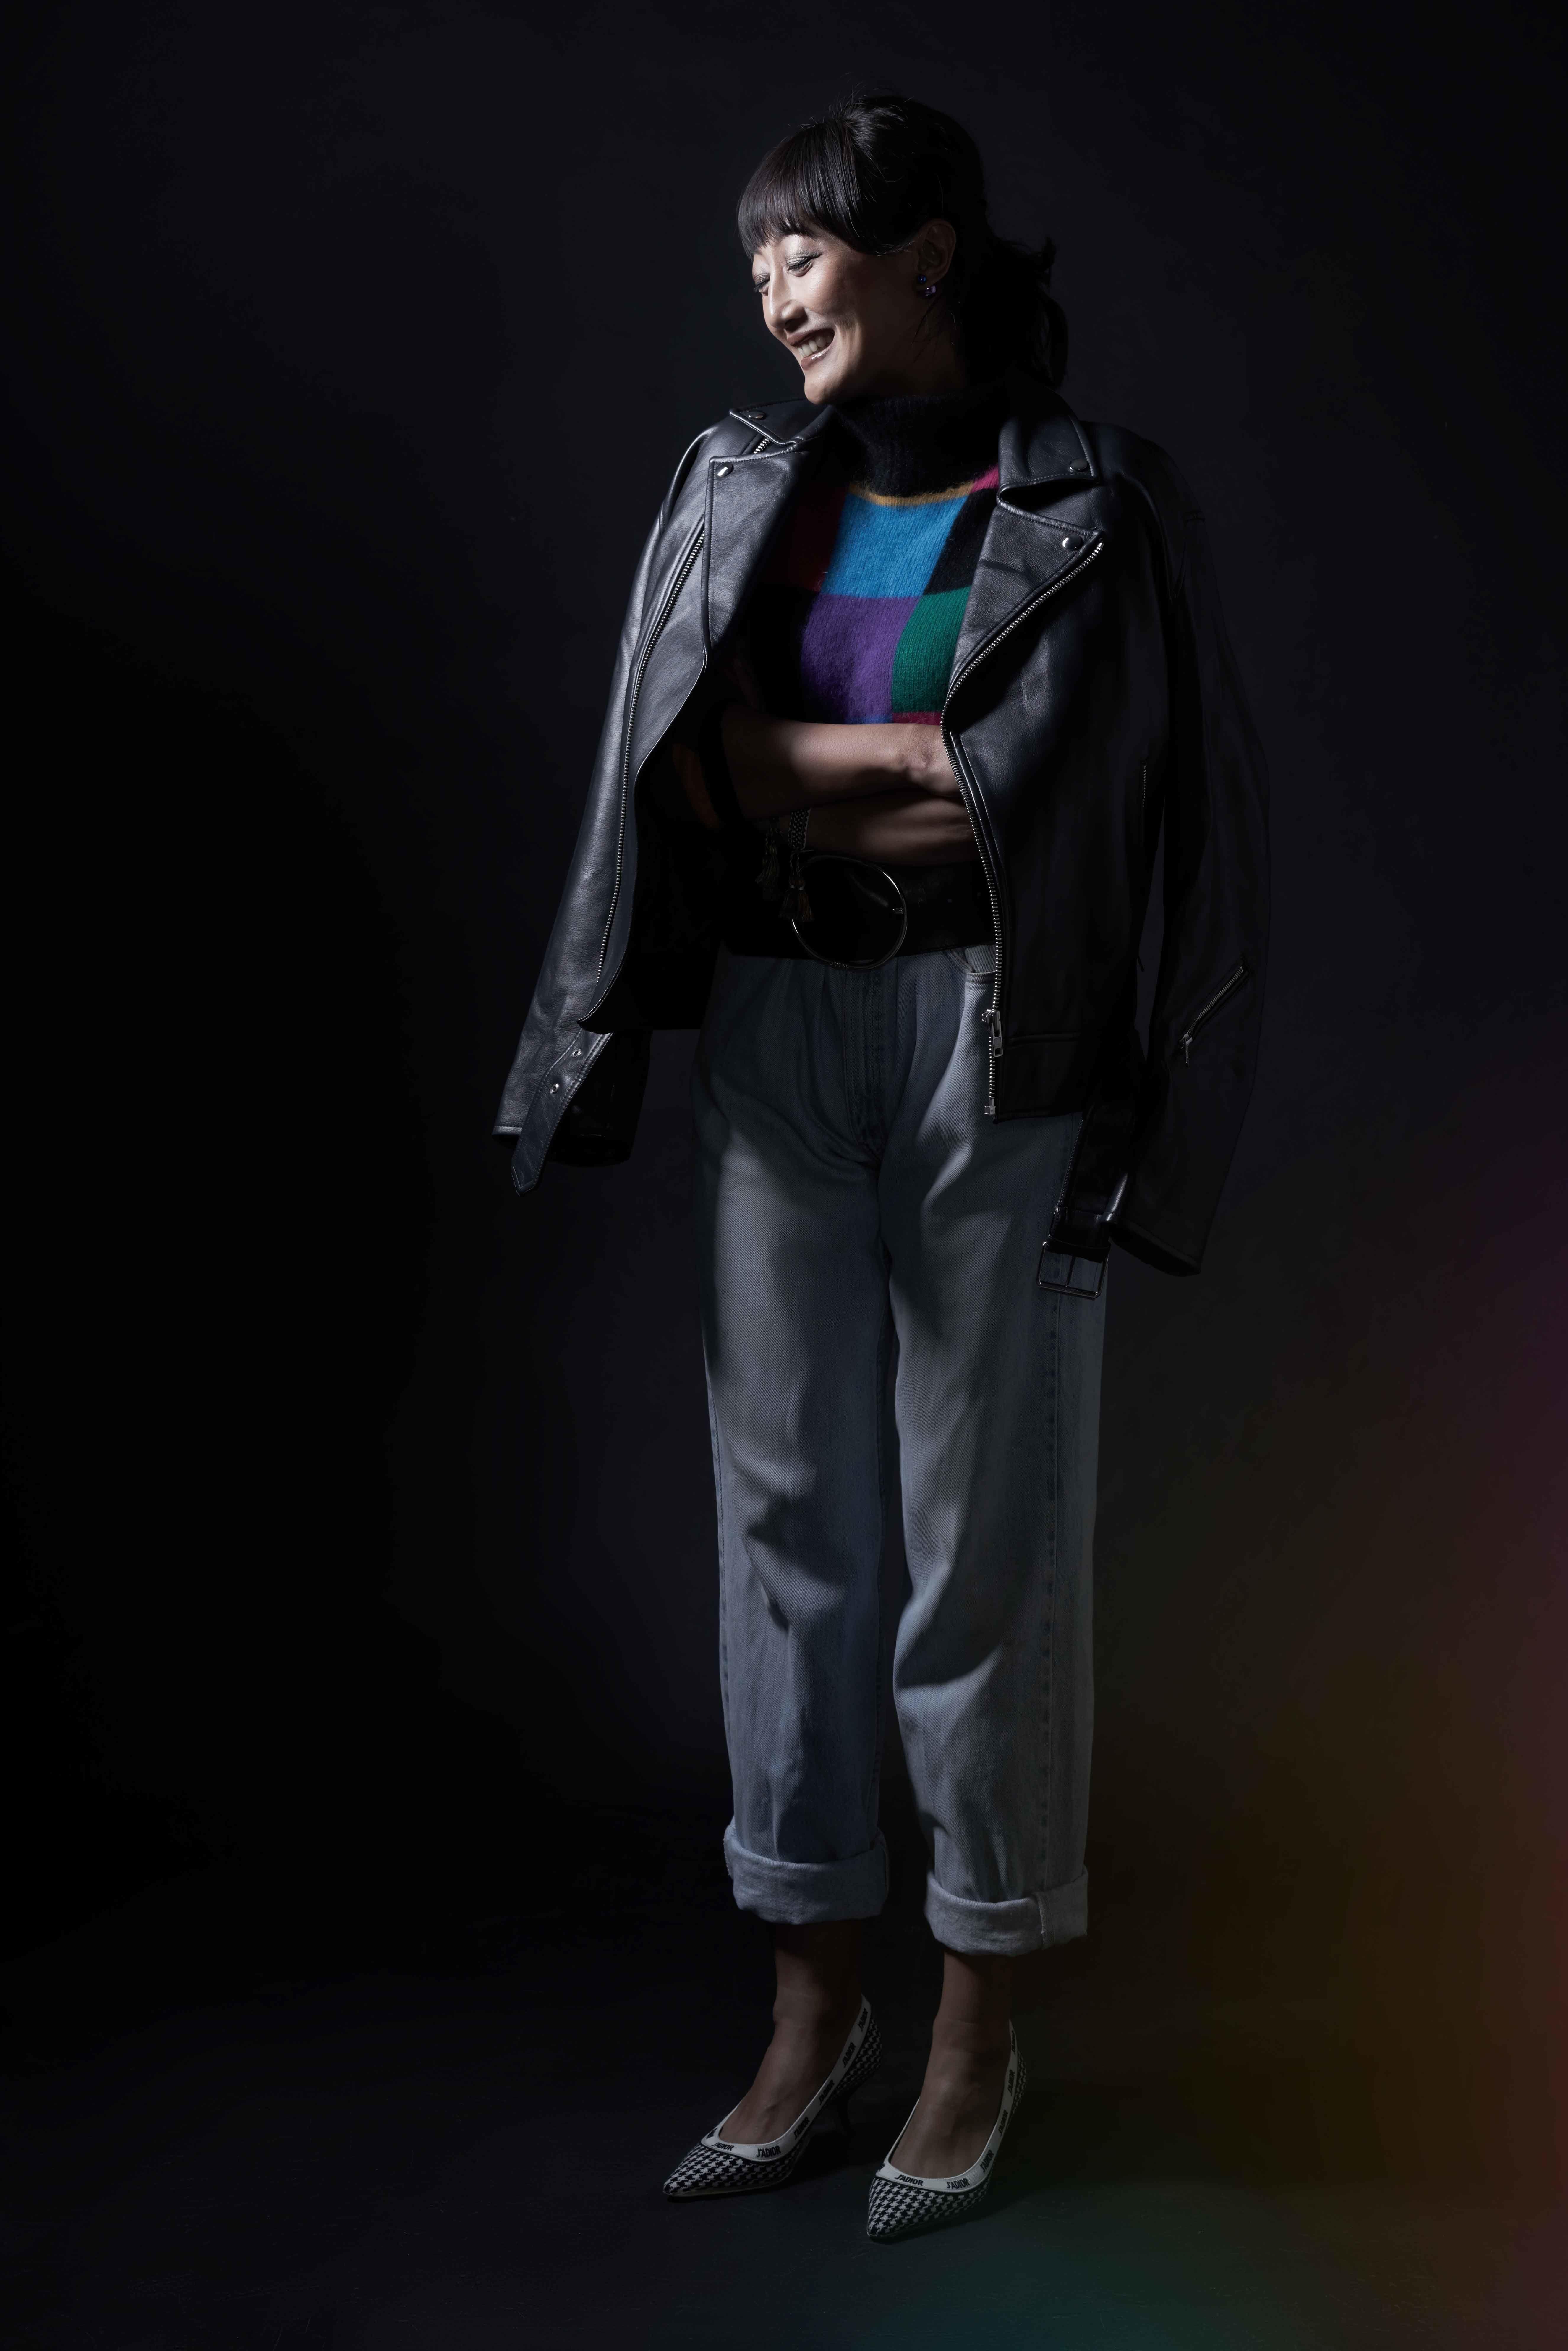 #IMS2020: Feminis Di MataNurulita, Sang Fotografer Future Is Female